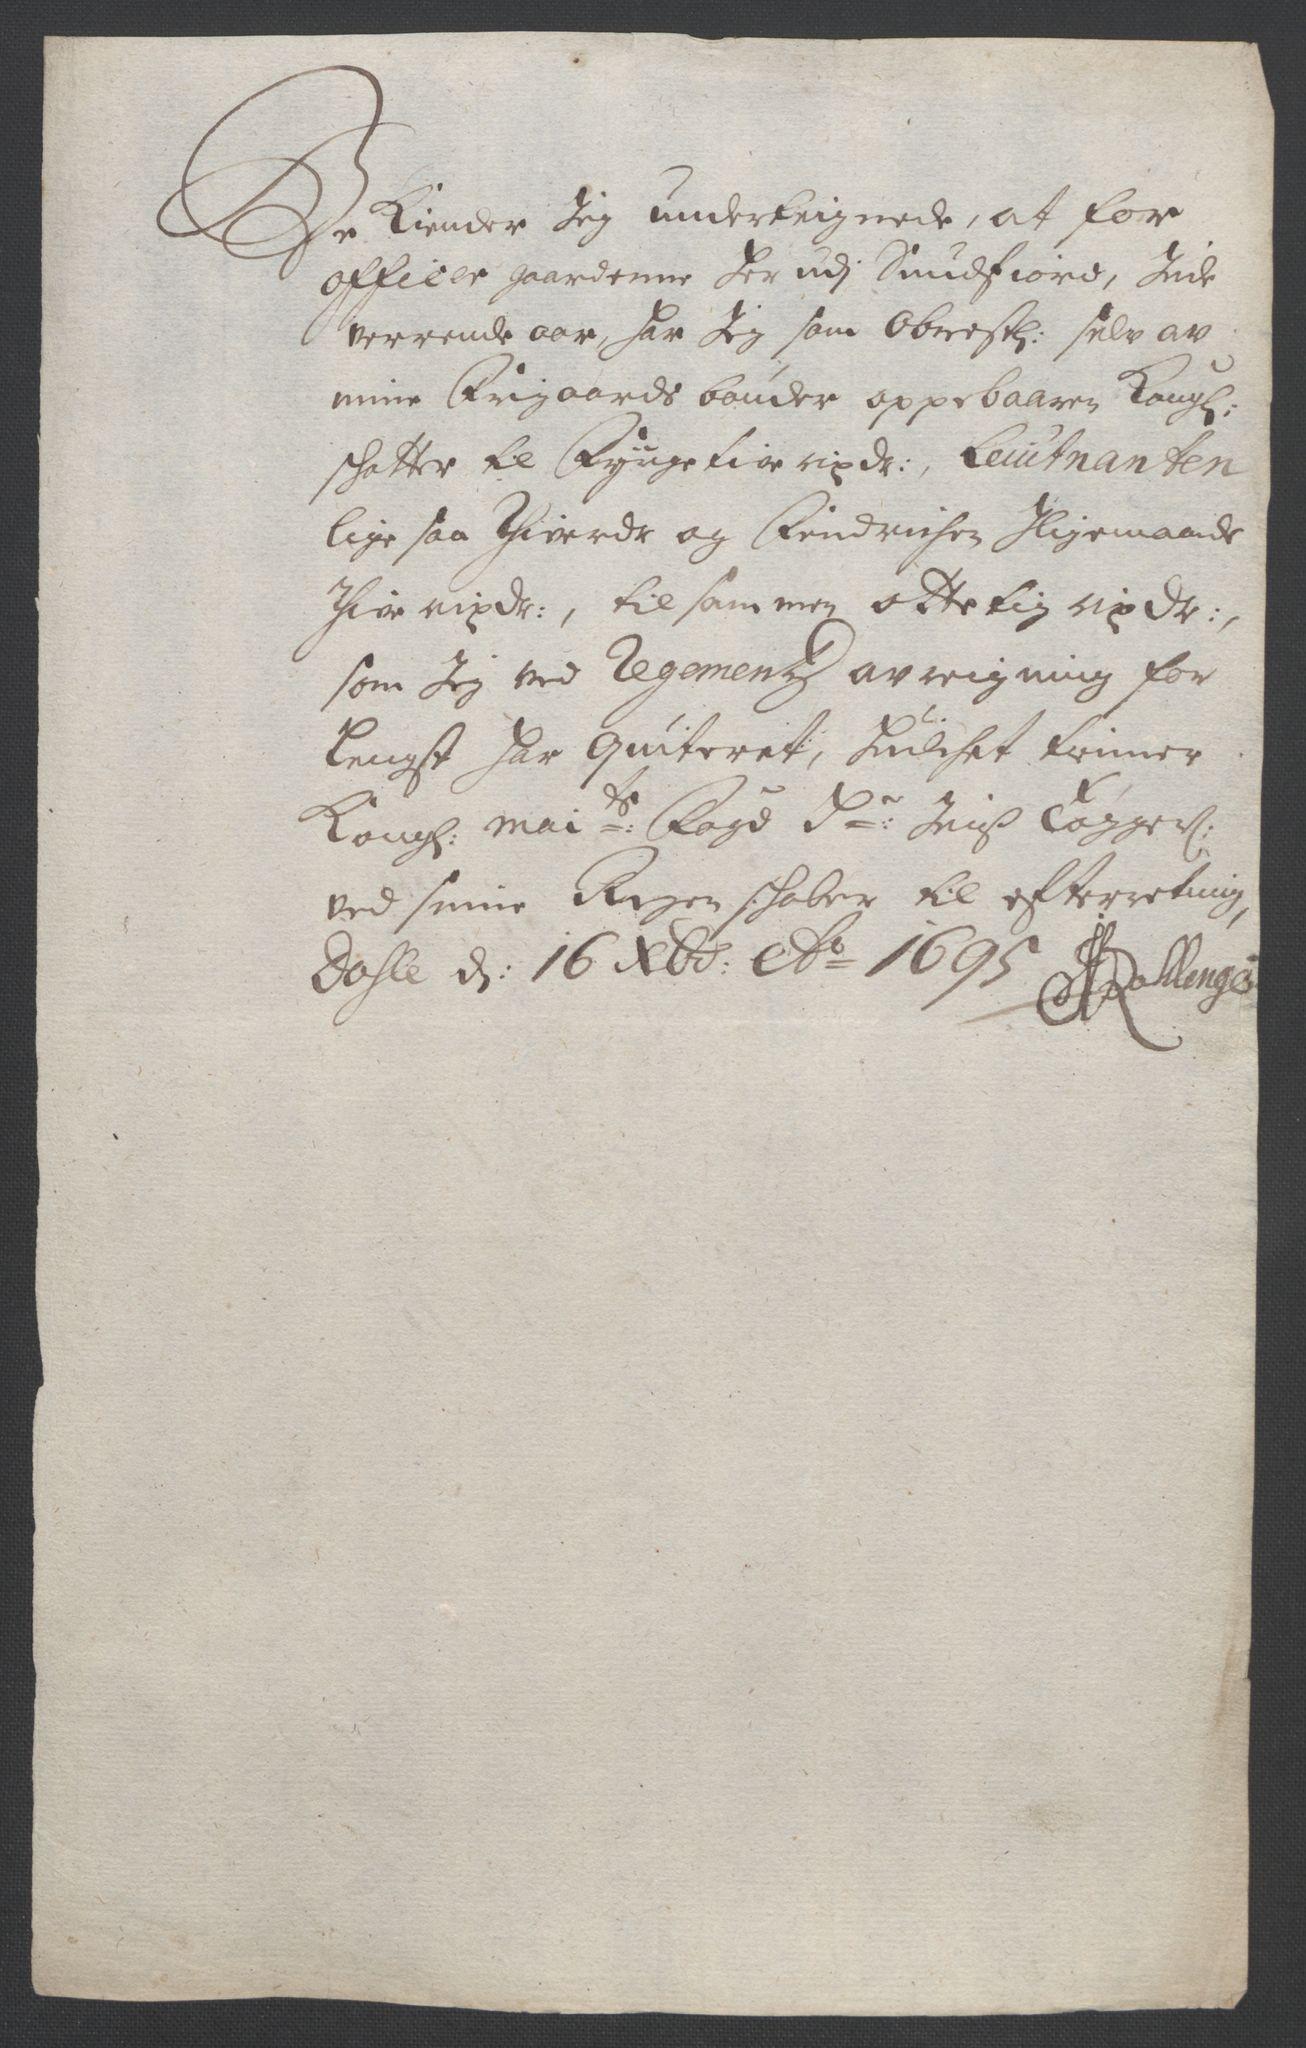 RA, Rentekammeret inntil 1814, Reviderte regnskaper, Fogderegnskap, R53/L3422: Fogderegnskap Sunn- og Nordfjord, 1695-1696, s. 167